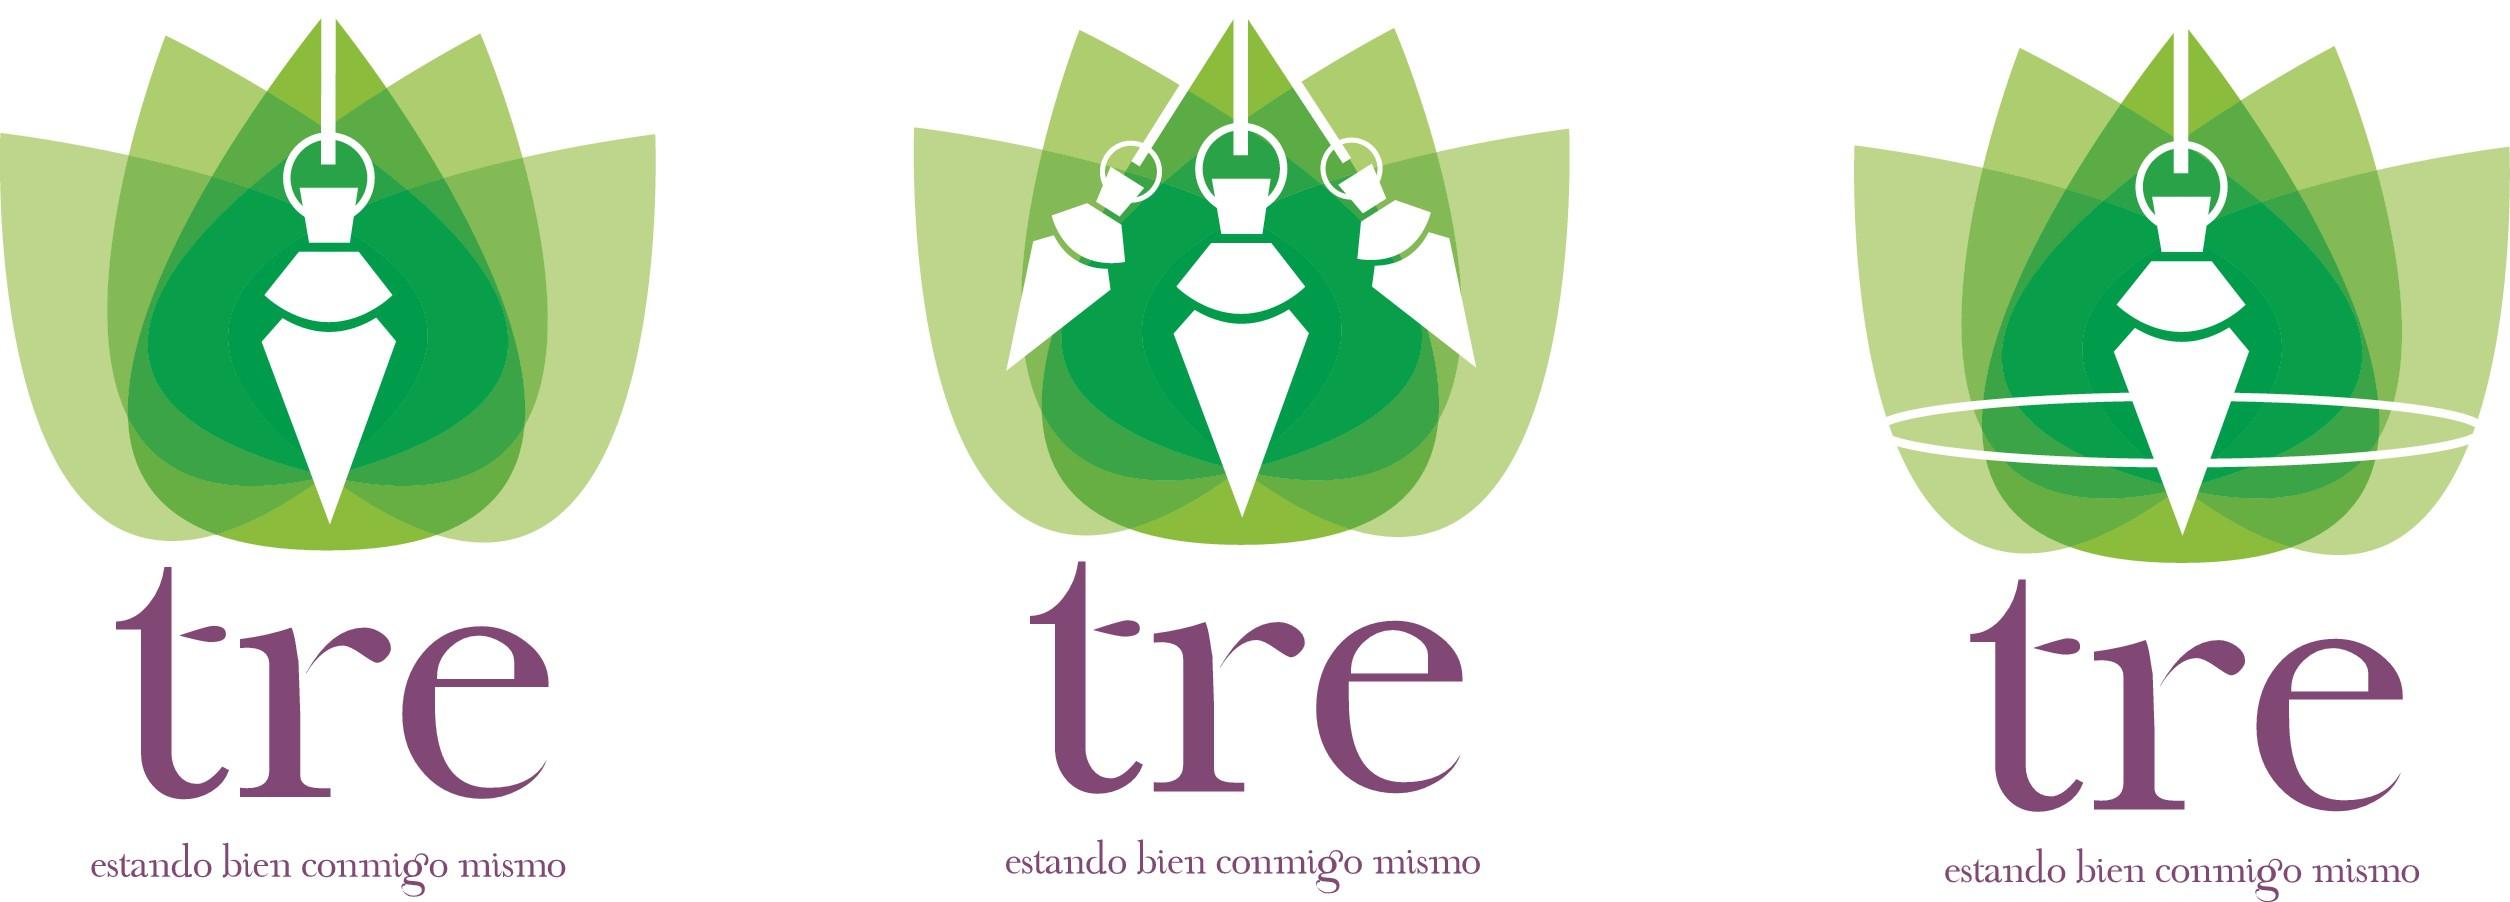 Crea un logo para una terapia espiritual.